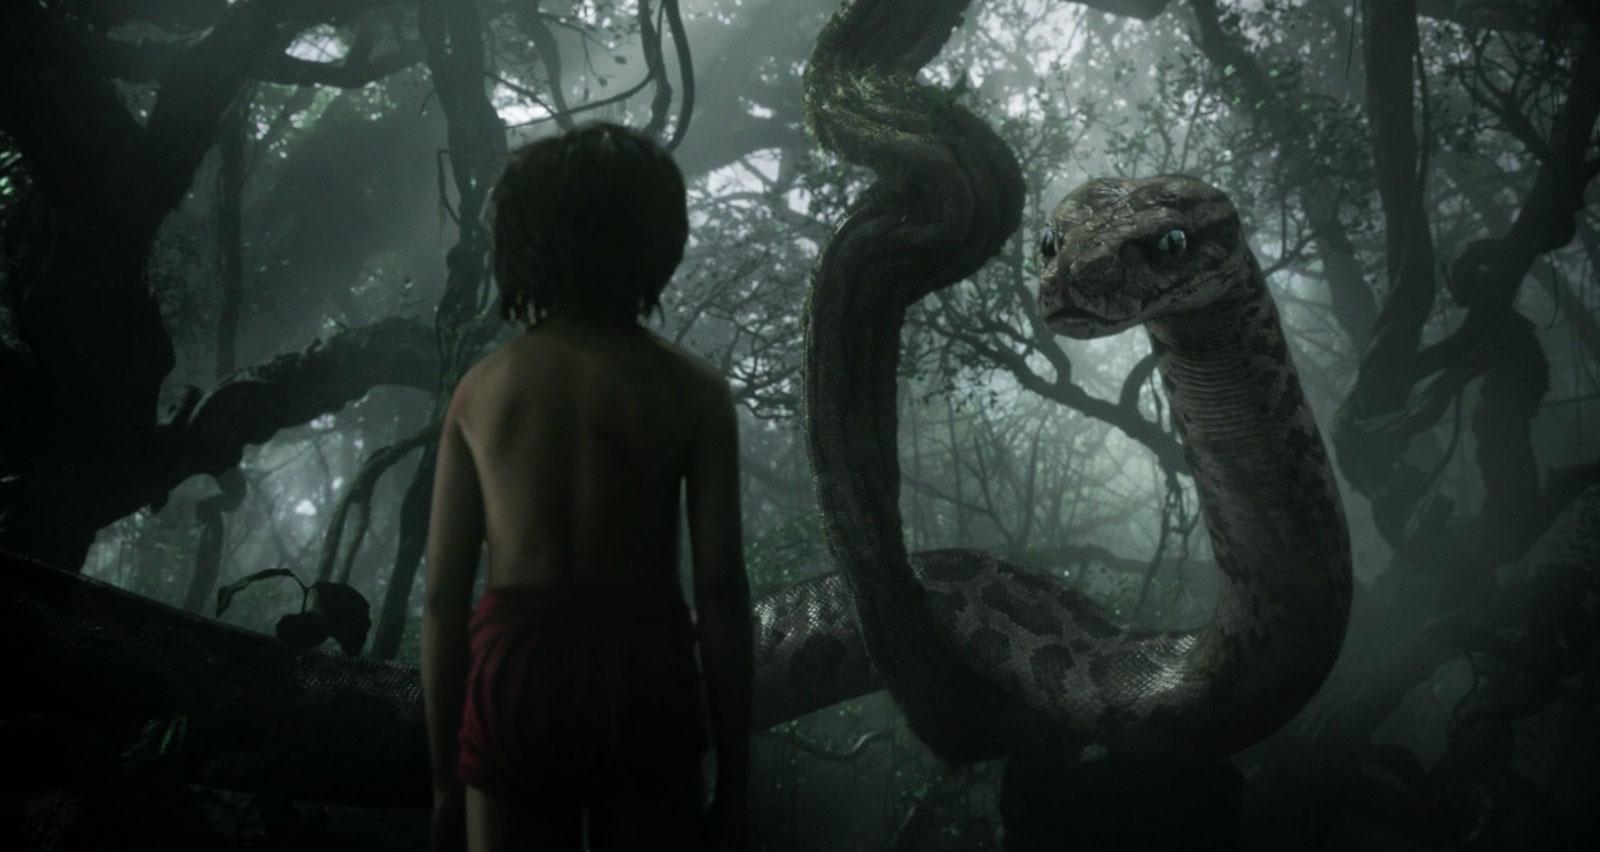 Kaa, voiced by Scarlett Johansson